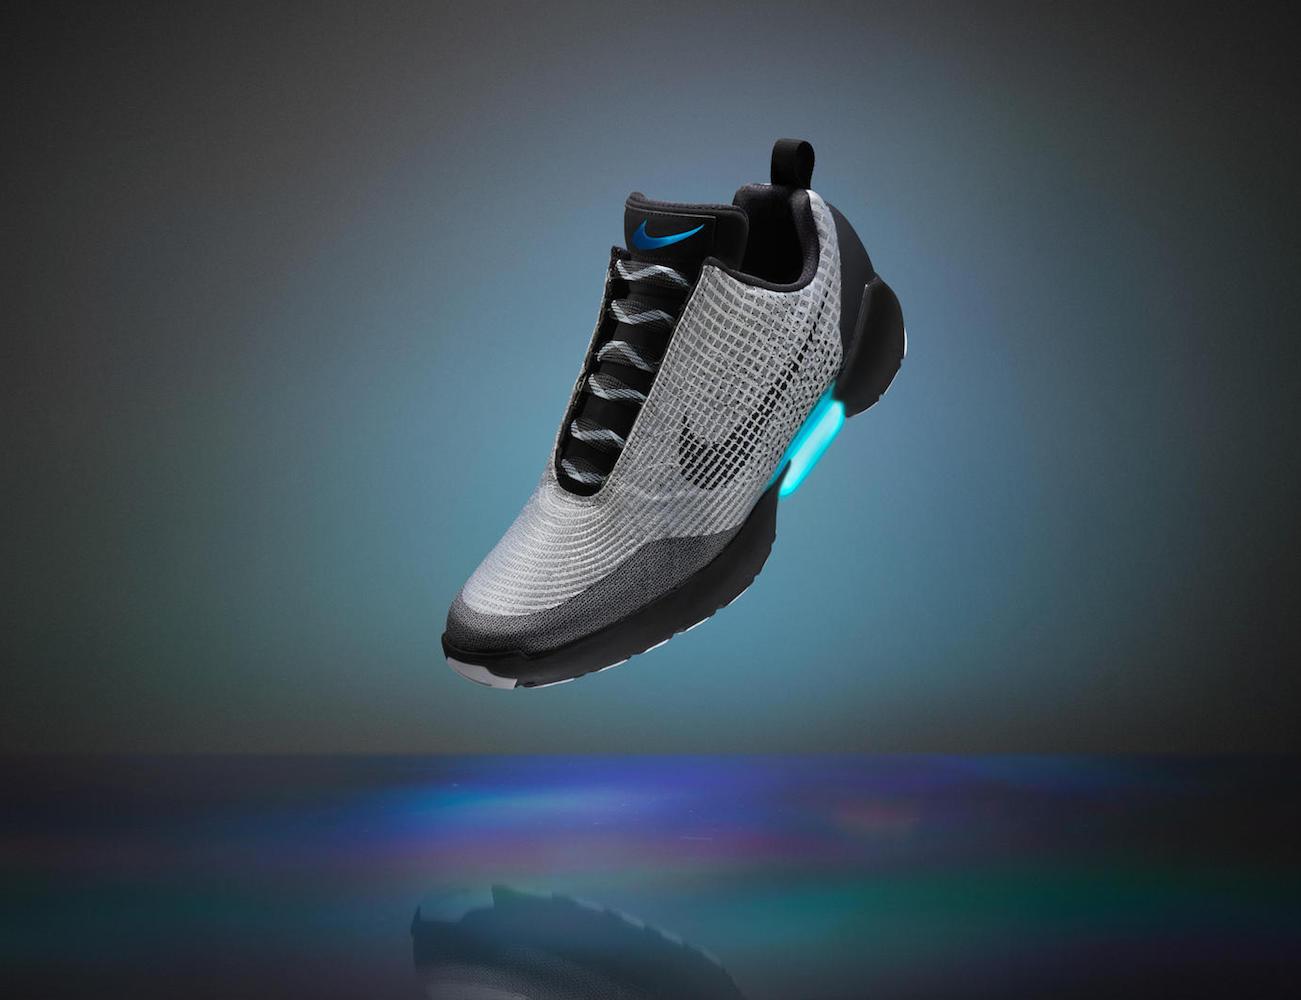 hyperadapt-self-tying-sneakers-by-nike-04